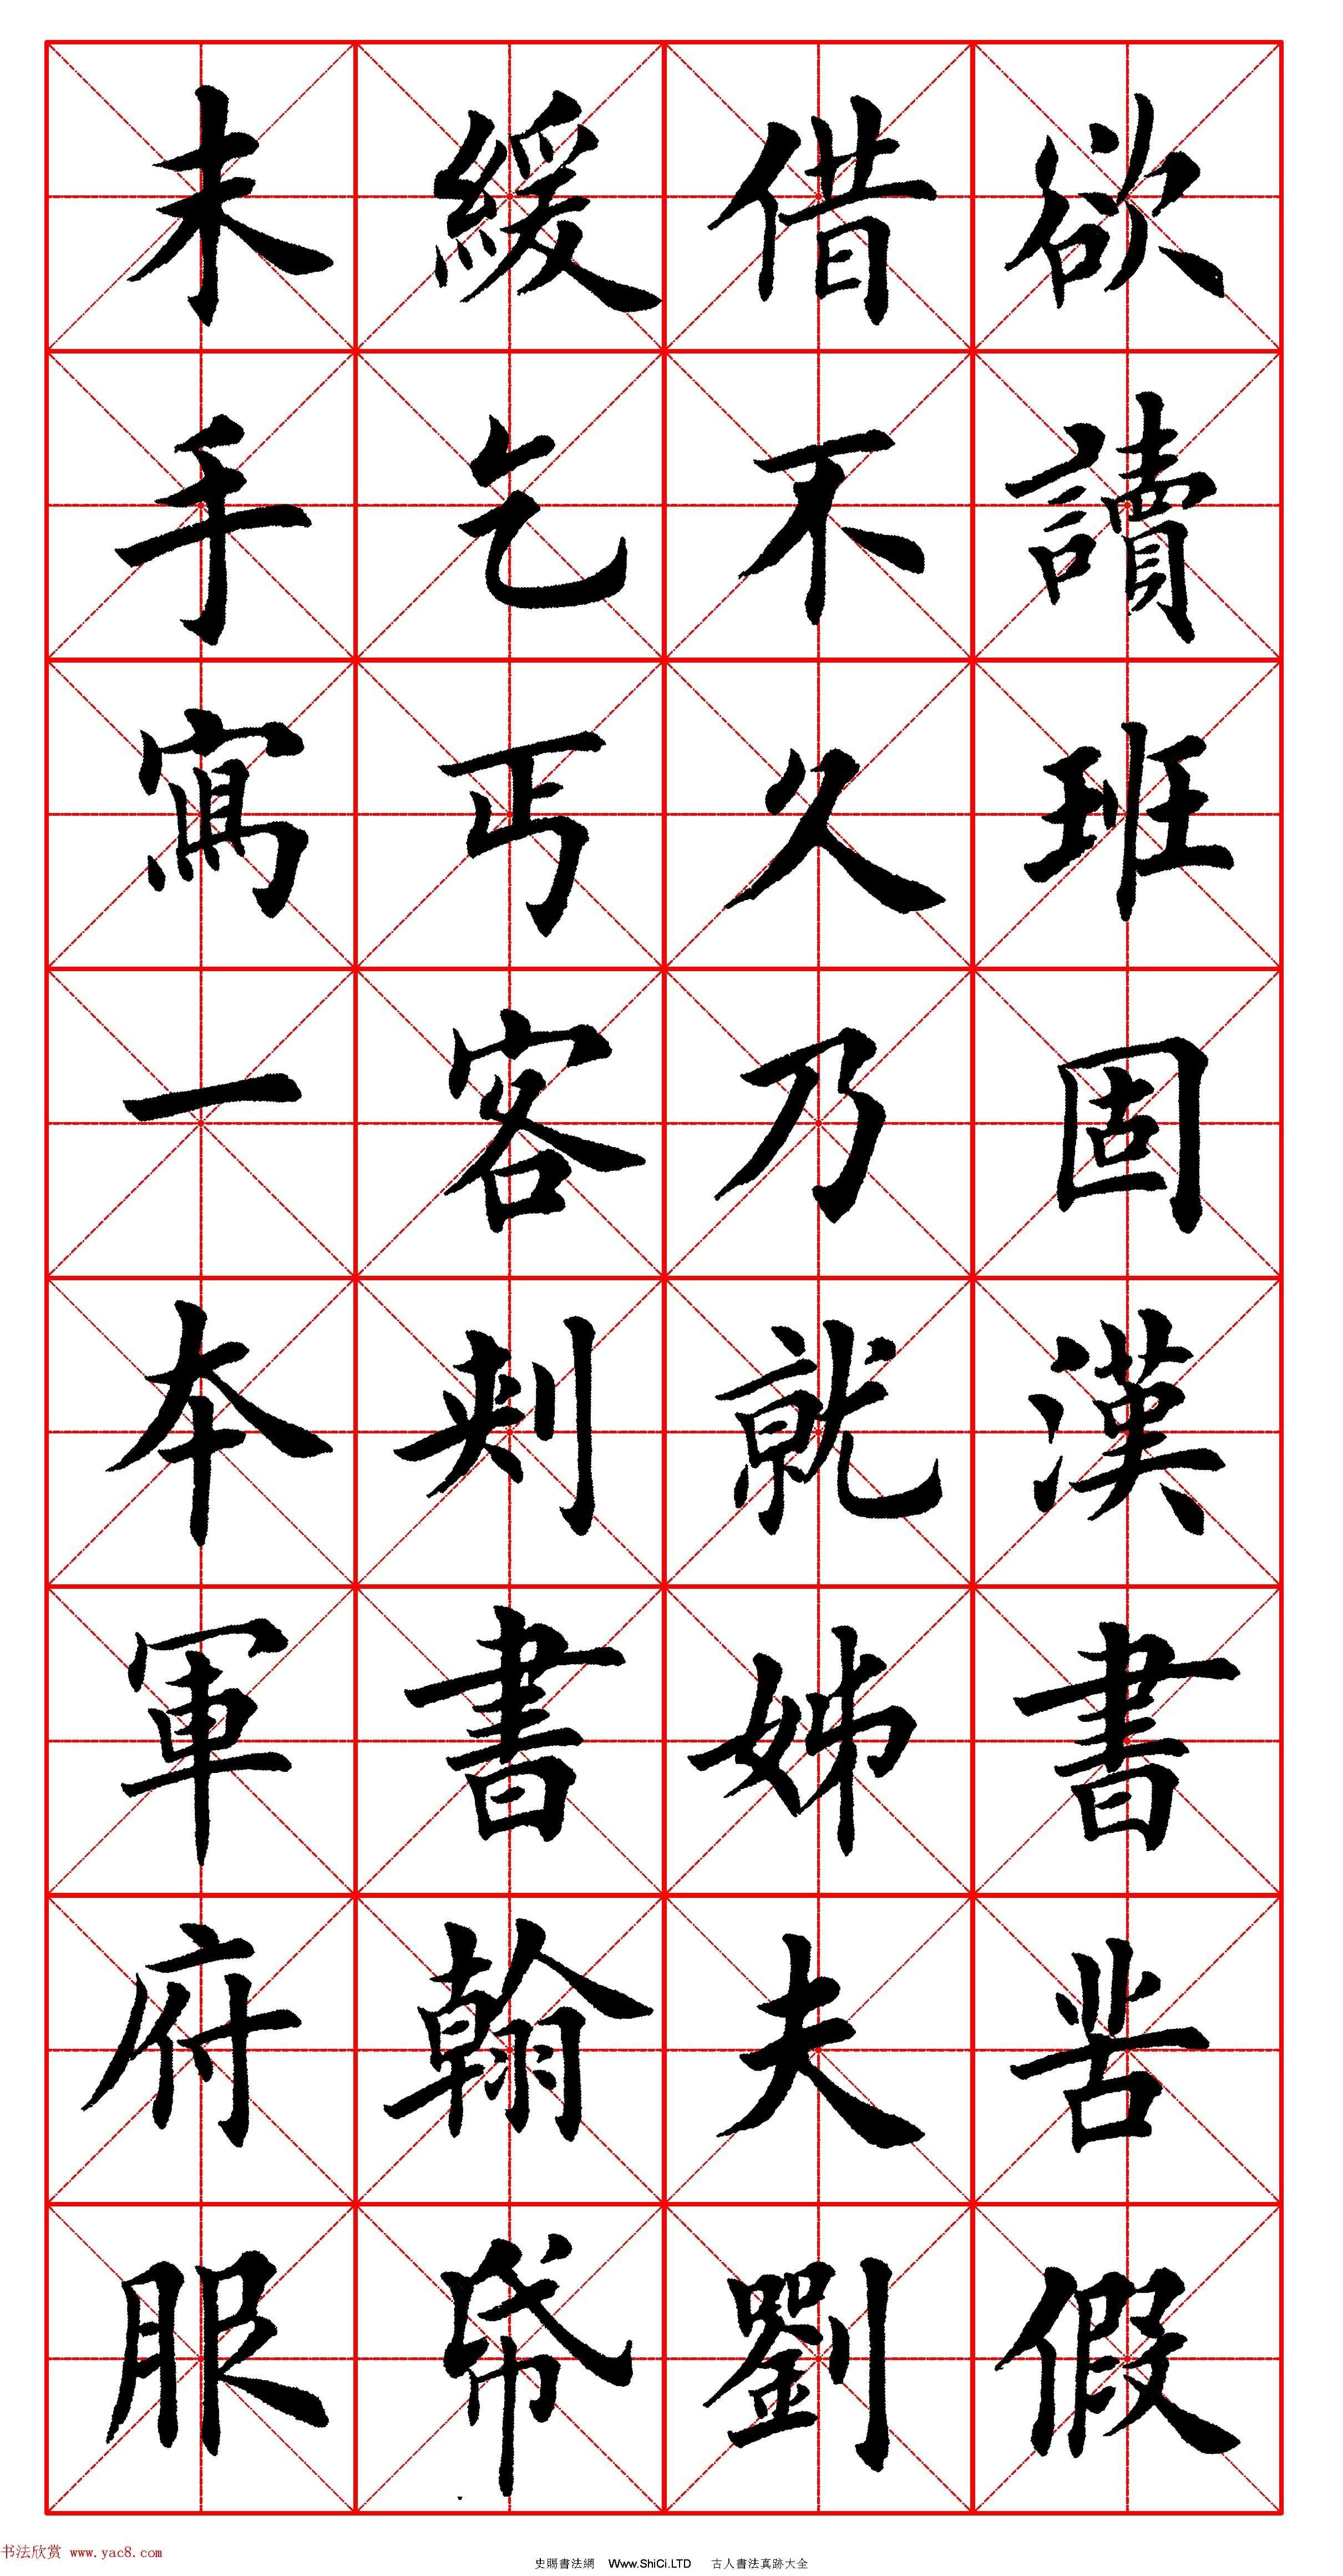 田英章中楷書法作品《顏氏家訓》高清版